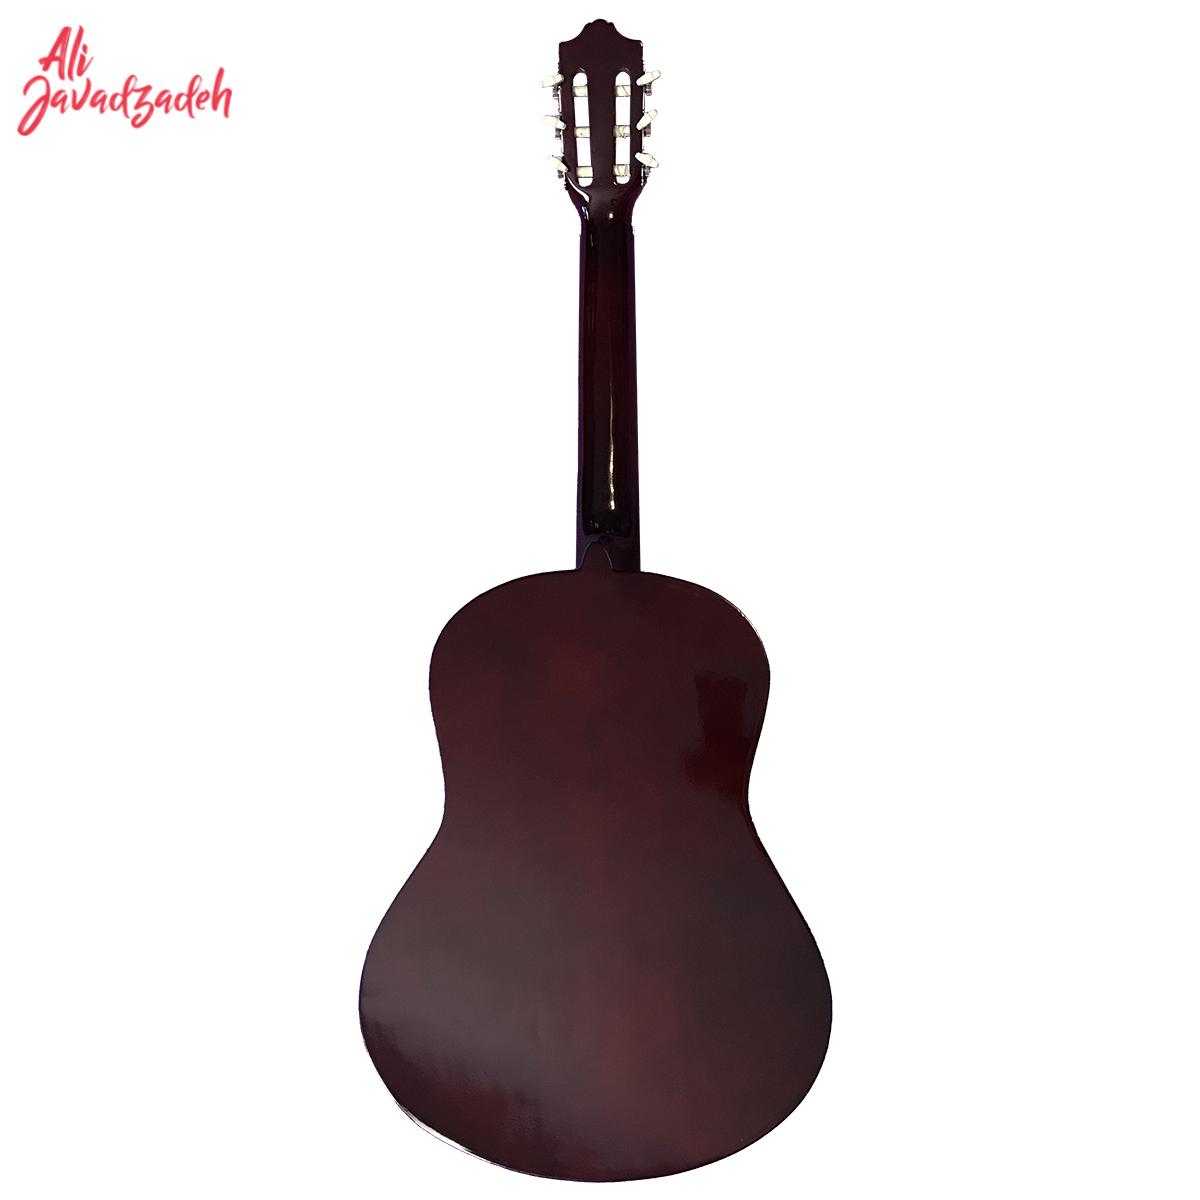 گیتار کلاسیک علی جوادزاده مدل 1C-10